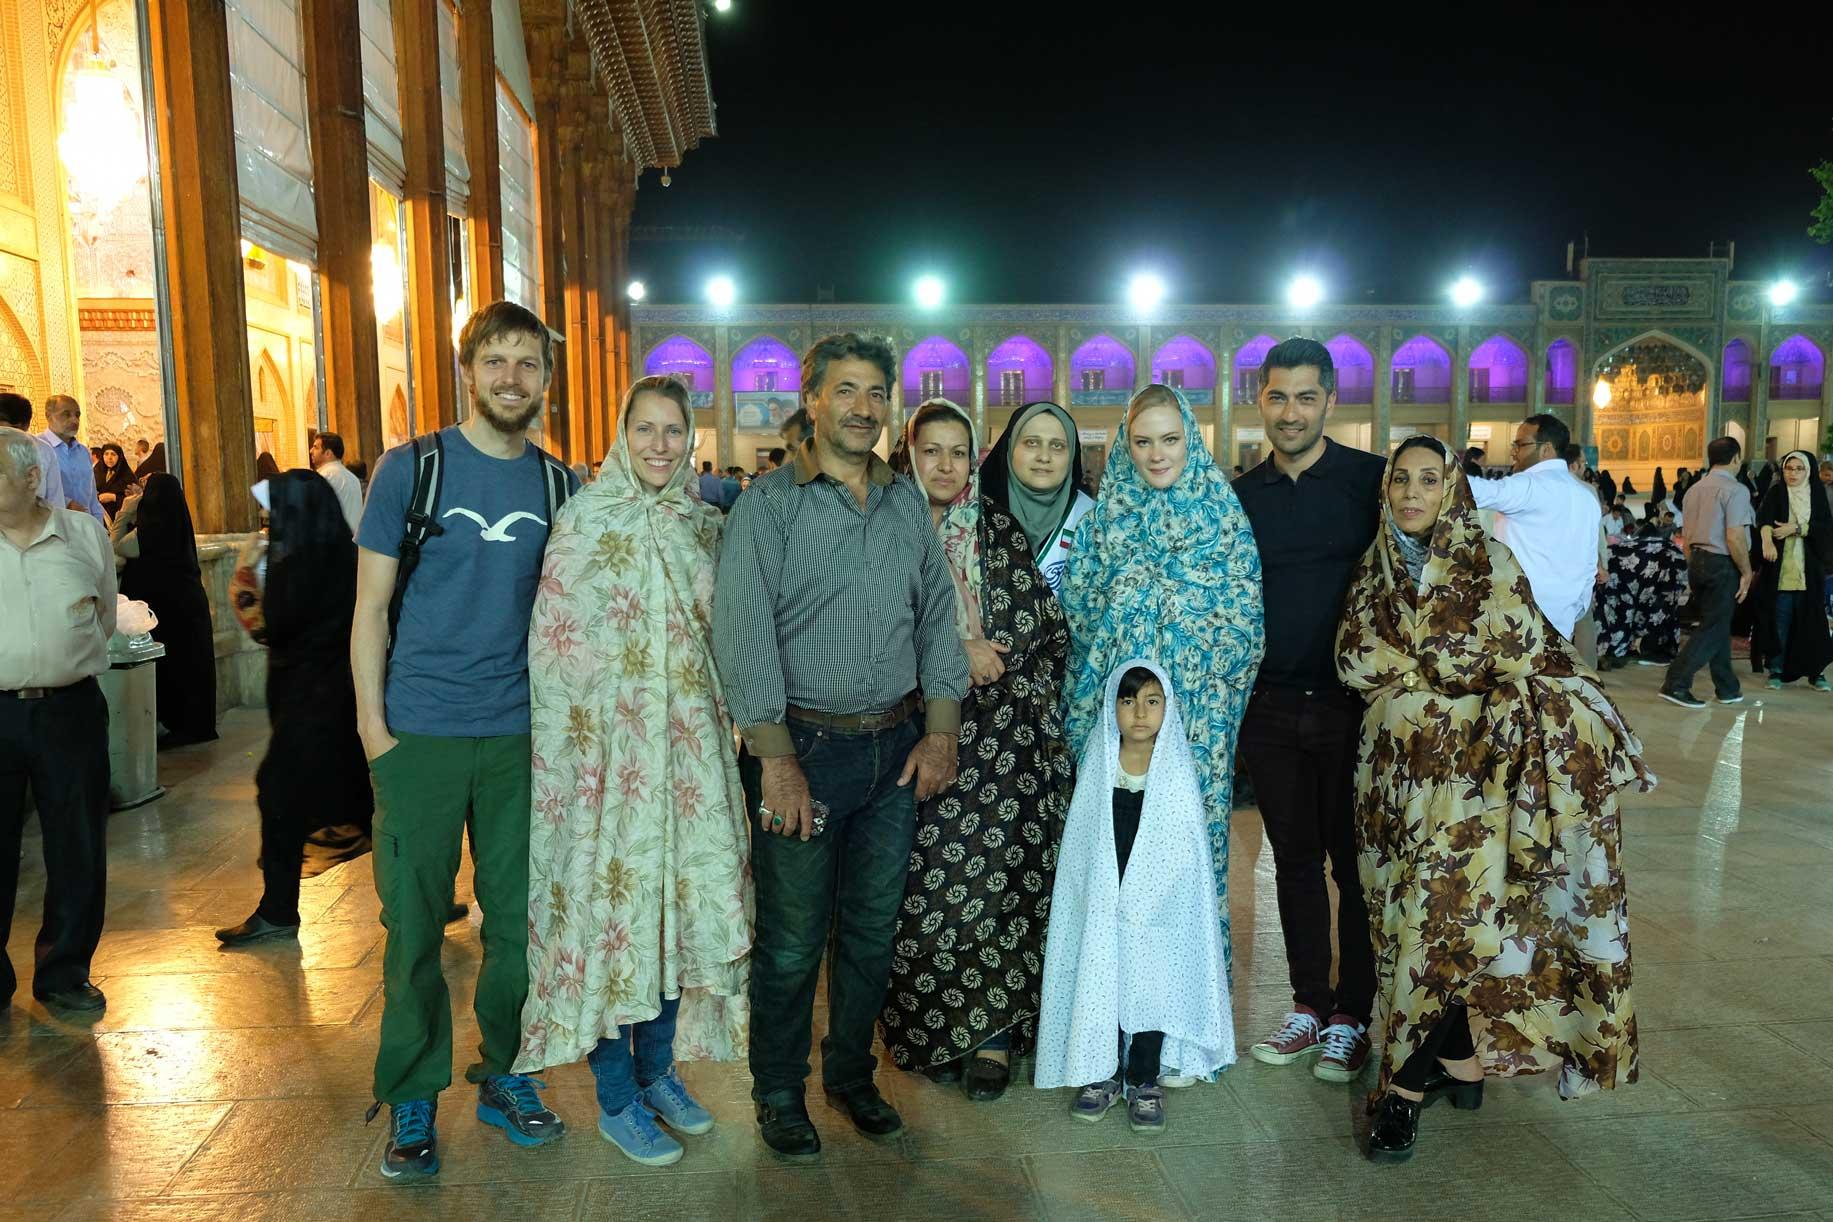 Leo uns Sebstian mit einer britisch-iranischen Familie im Innern eines religiösen Geländes